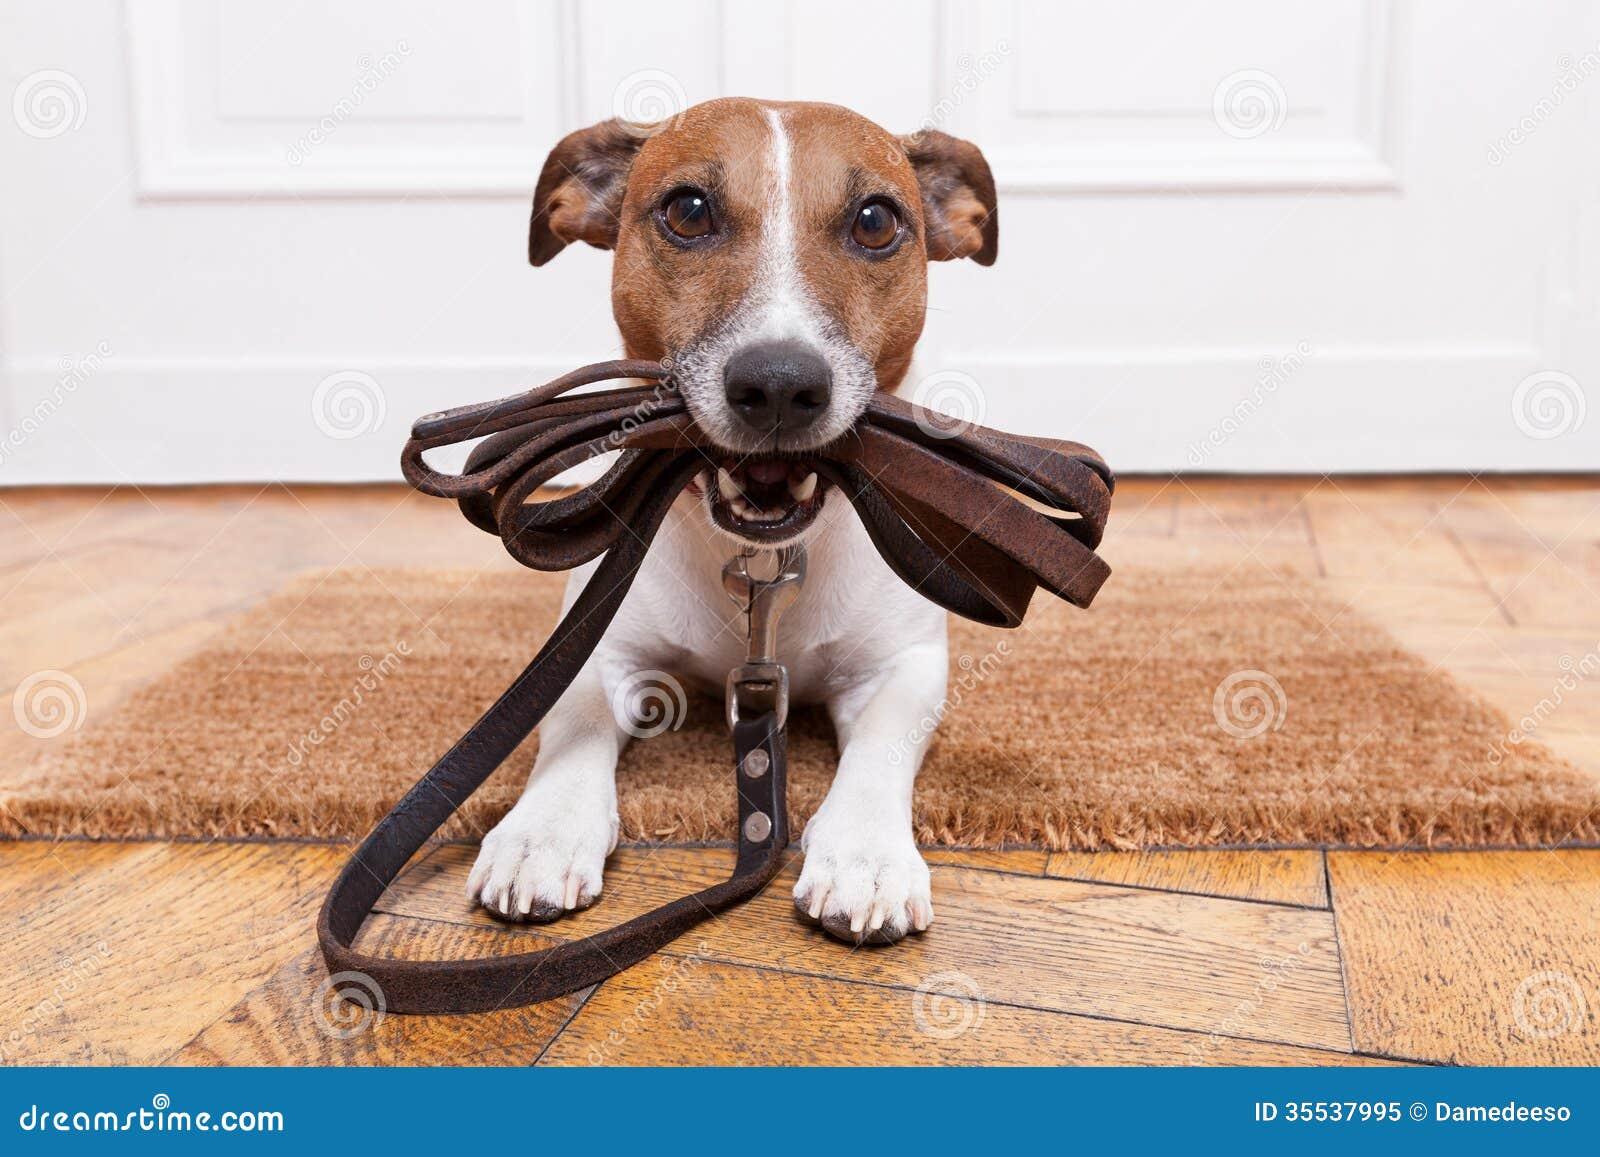 Dog Leather Leash Royalty Free Stock Photo Image 35537995